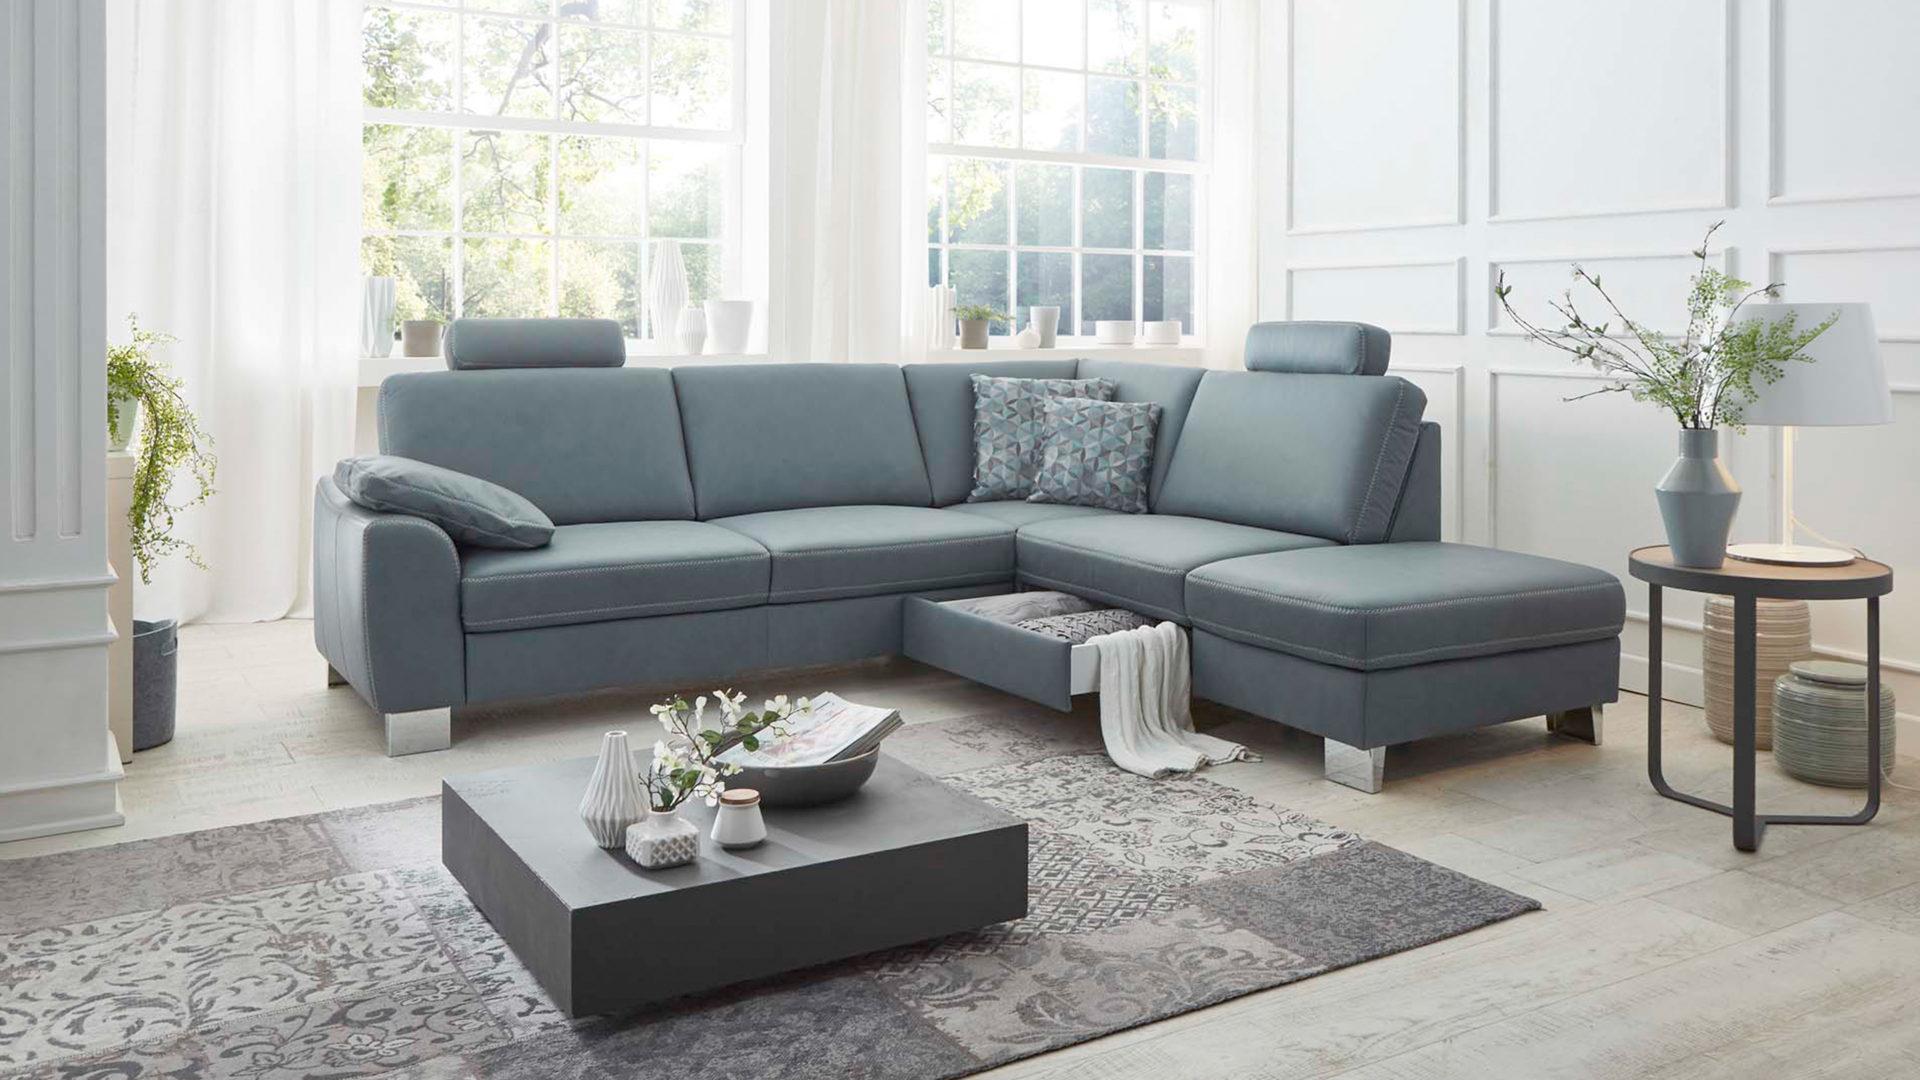 Polstermöbel leder günstig  Hertel Möbel e.K. Gesees, Räume, Wohnzimmer, Sofas + Couches ...